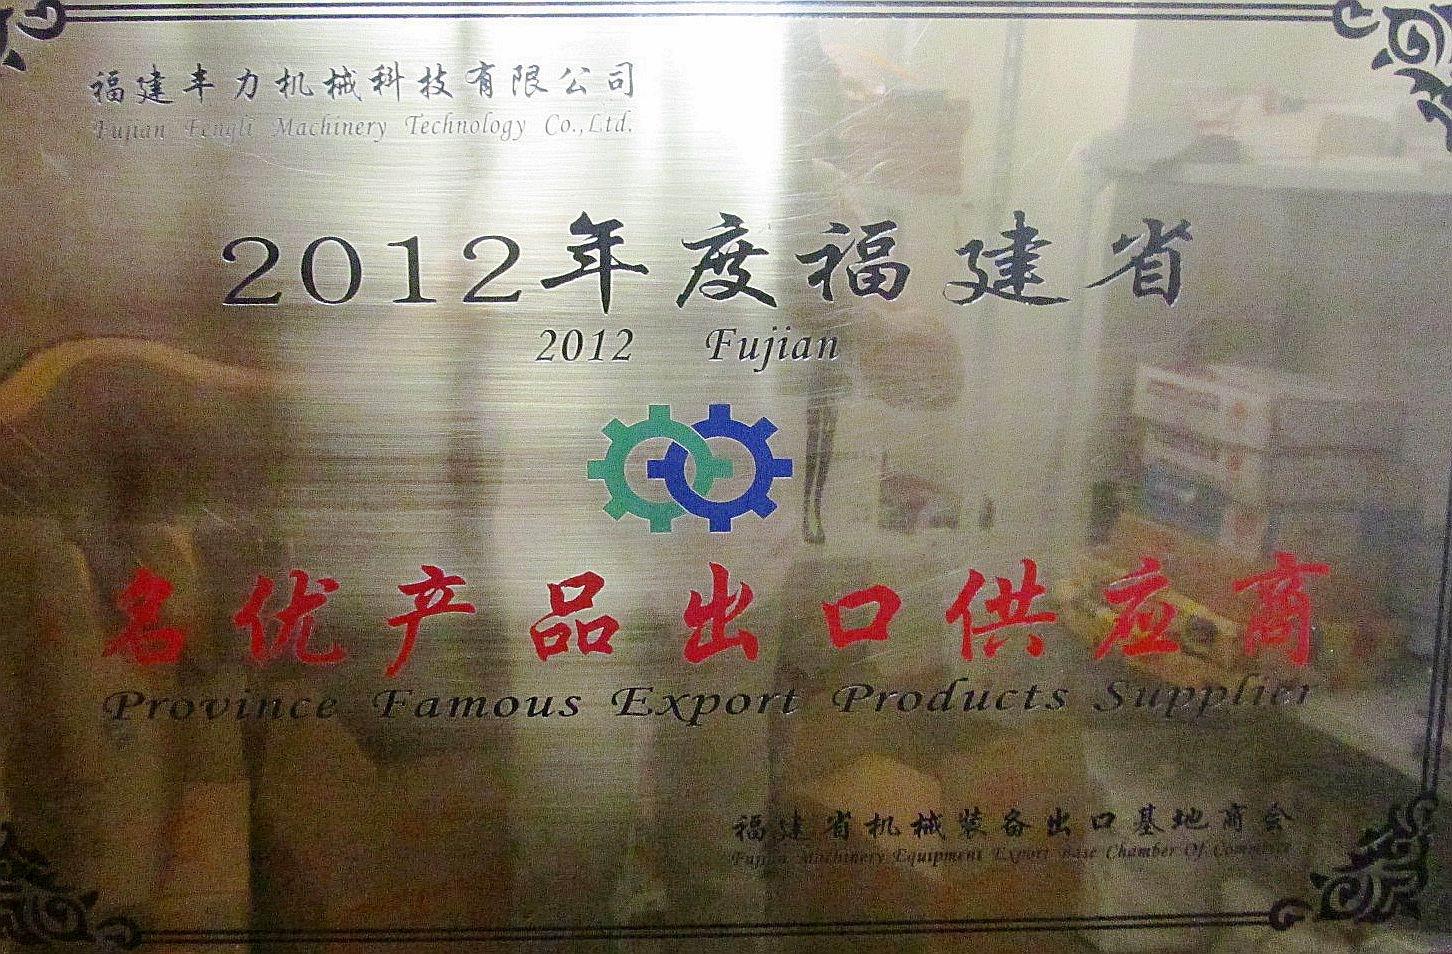 豐力粉碎機成為2012年度福建省名優產品出口供應商。